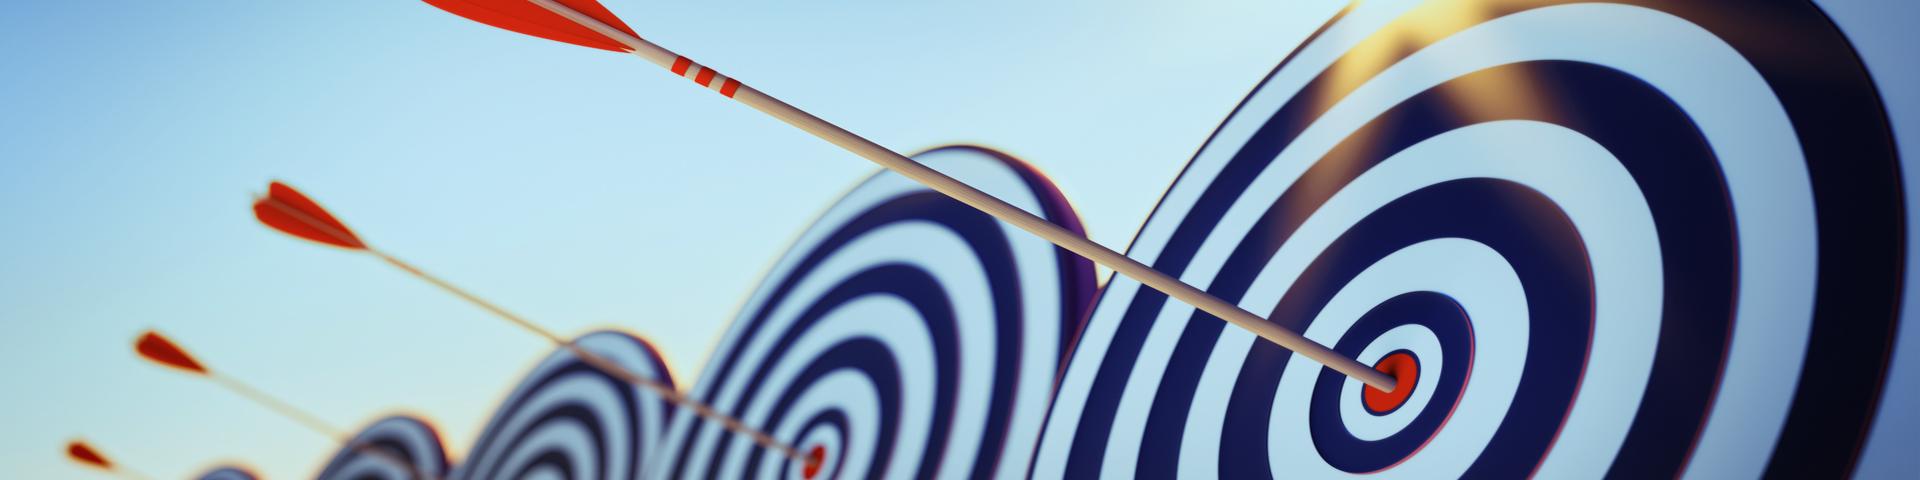 Ergebnisse und Facts - 3 Blau/weisse Zielscheiben mit jeweils einem Pfeil in der Mitte